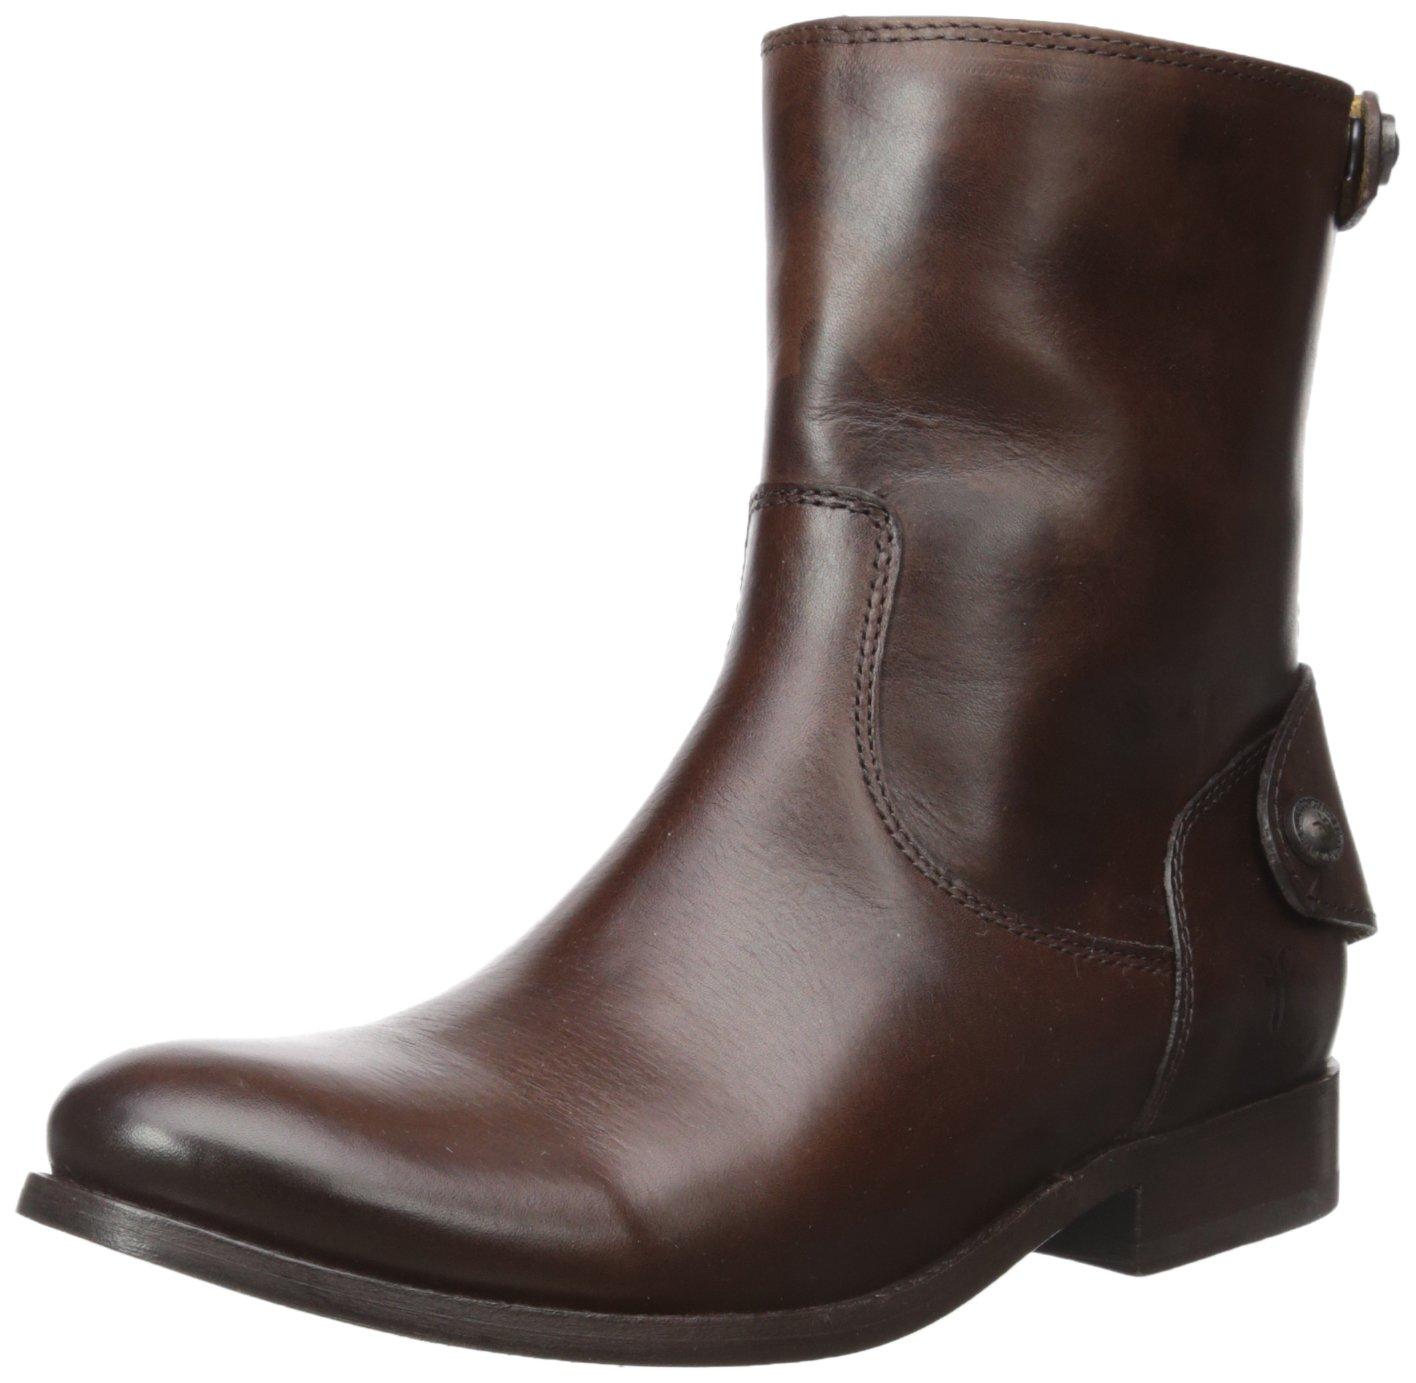 Frye Women's Melissa Button Zip Short B006NZ3N50 7 M M M US|Dark Brown Smooth Vintage Leather add347